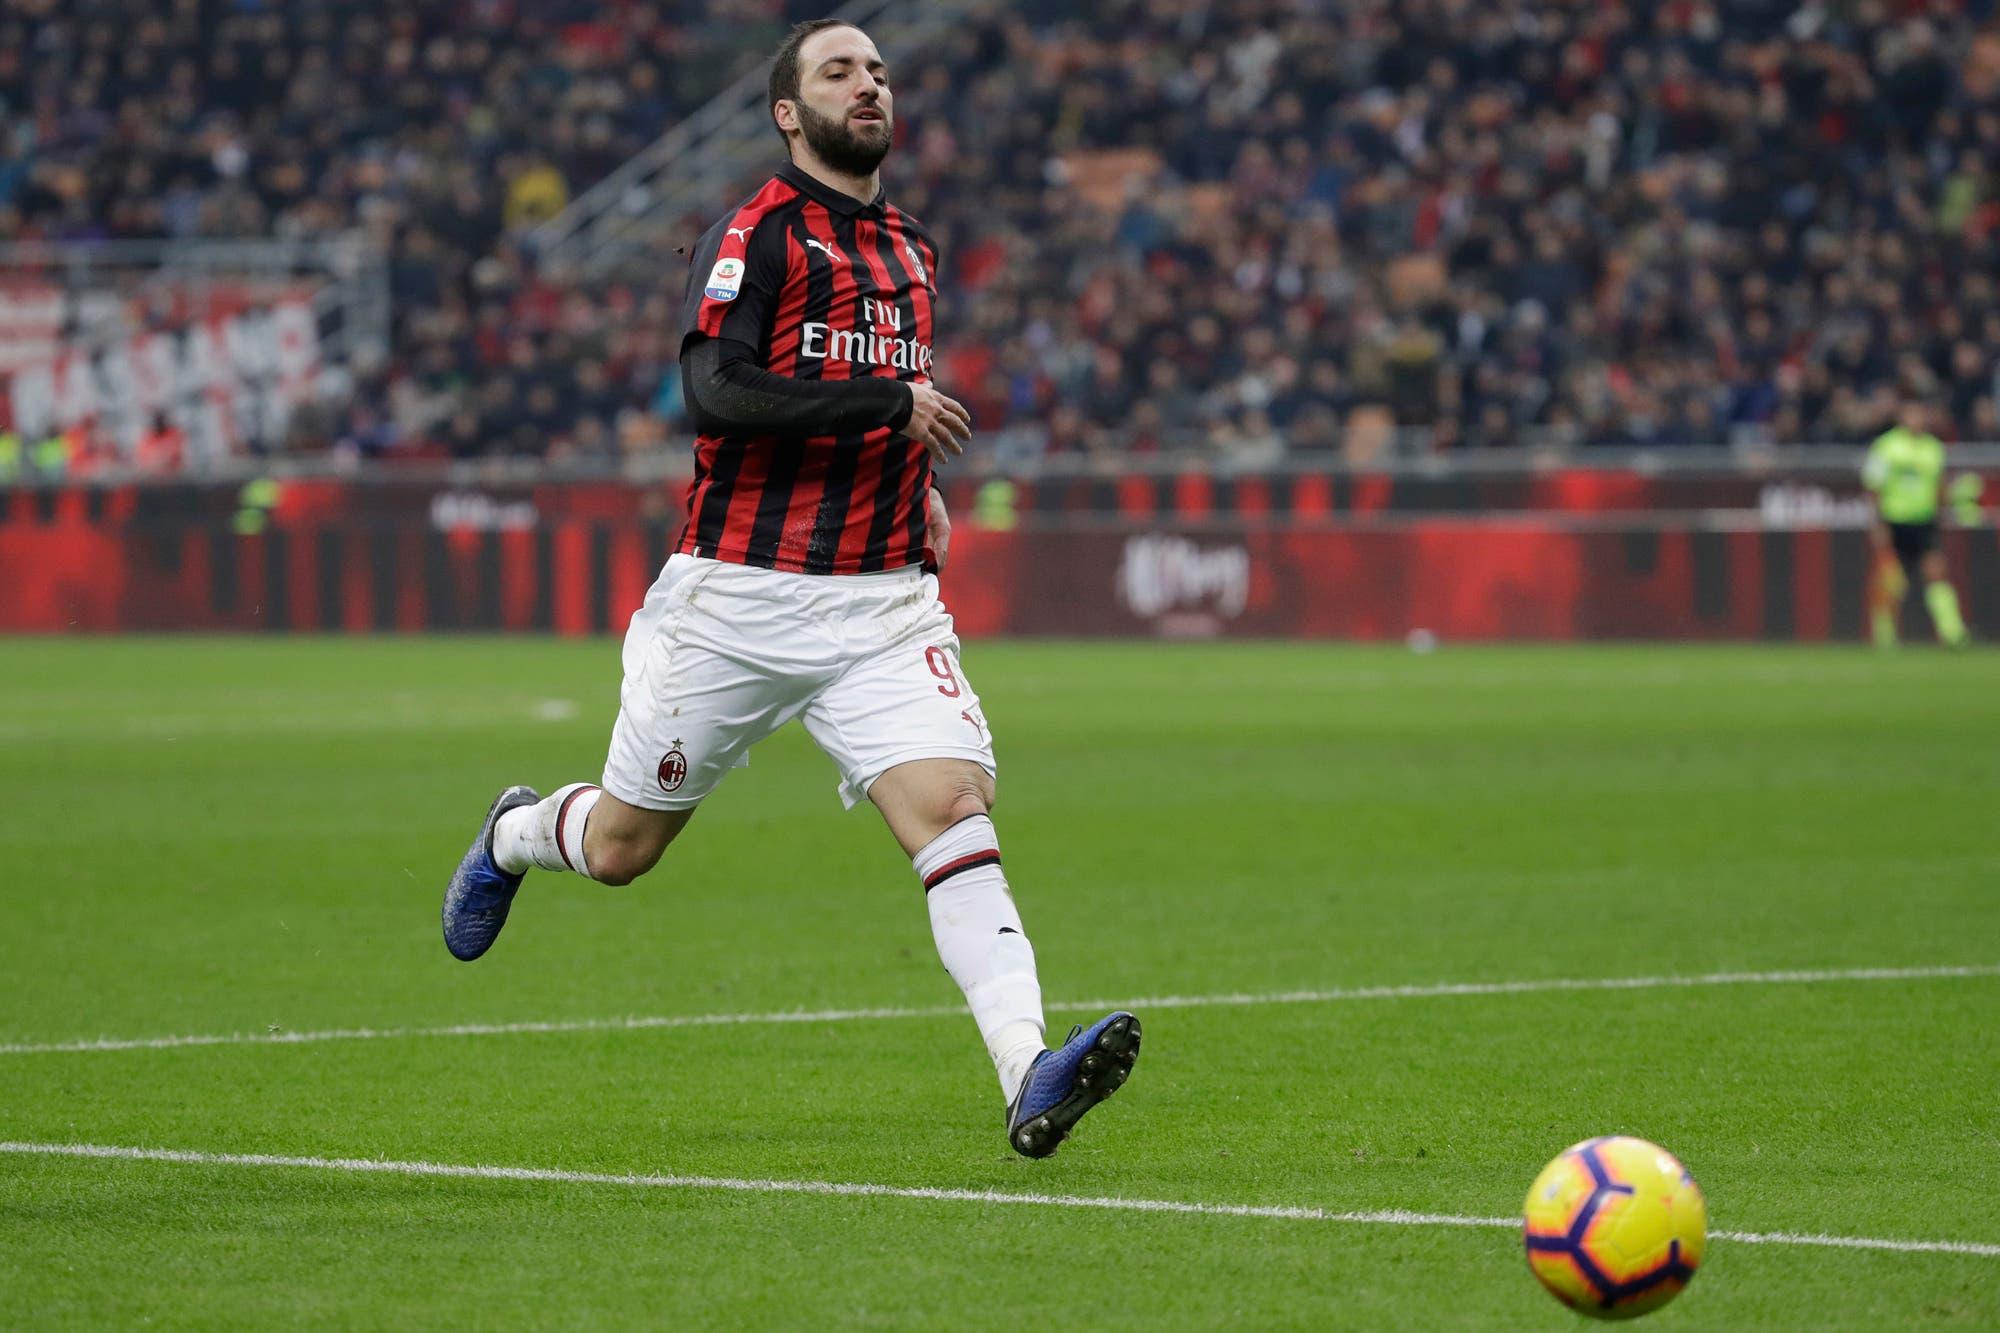 Los últimos días de Gonzalo Higuaín en Milan: su nuevo destino sería Chelsea